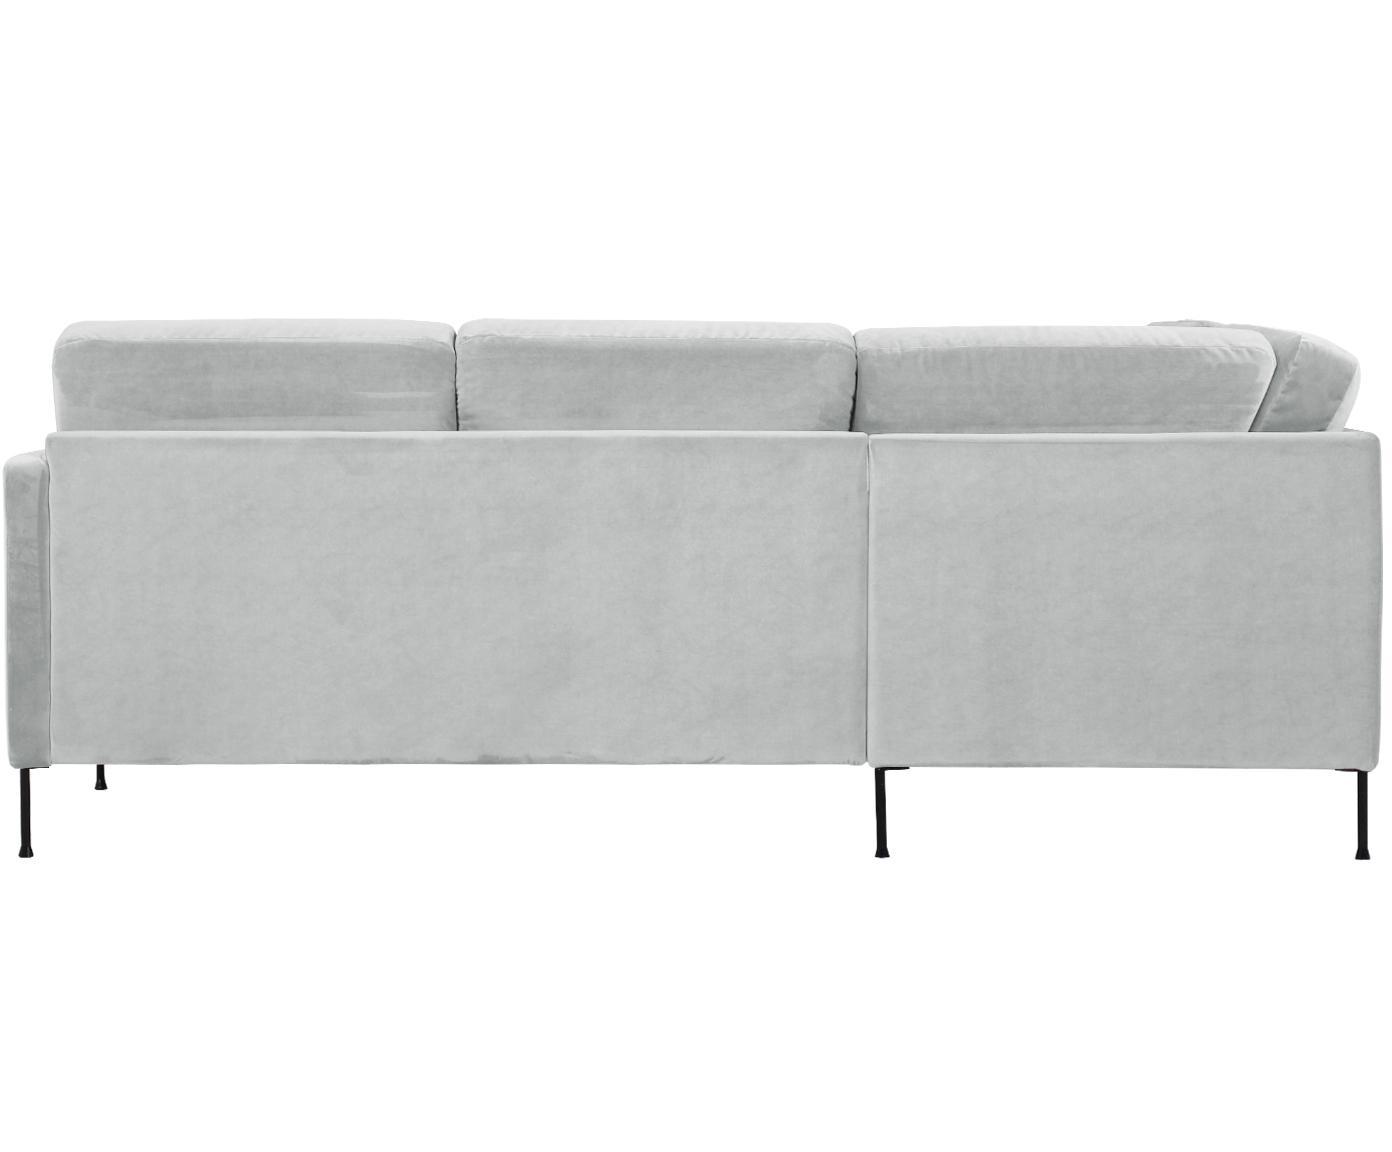 Sofa narożna z aksamitu Fluente, Tapicerka: aksamit (wysokiej jakości, Stelaż: lite drewno sosnowe, Nogi: metal lakierowany, Aksamitny jasny szary, S 221 x G 200 cm